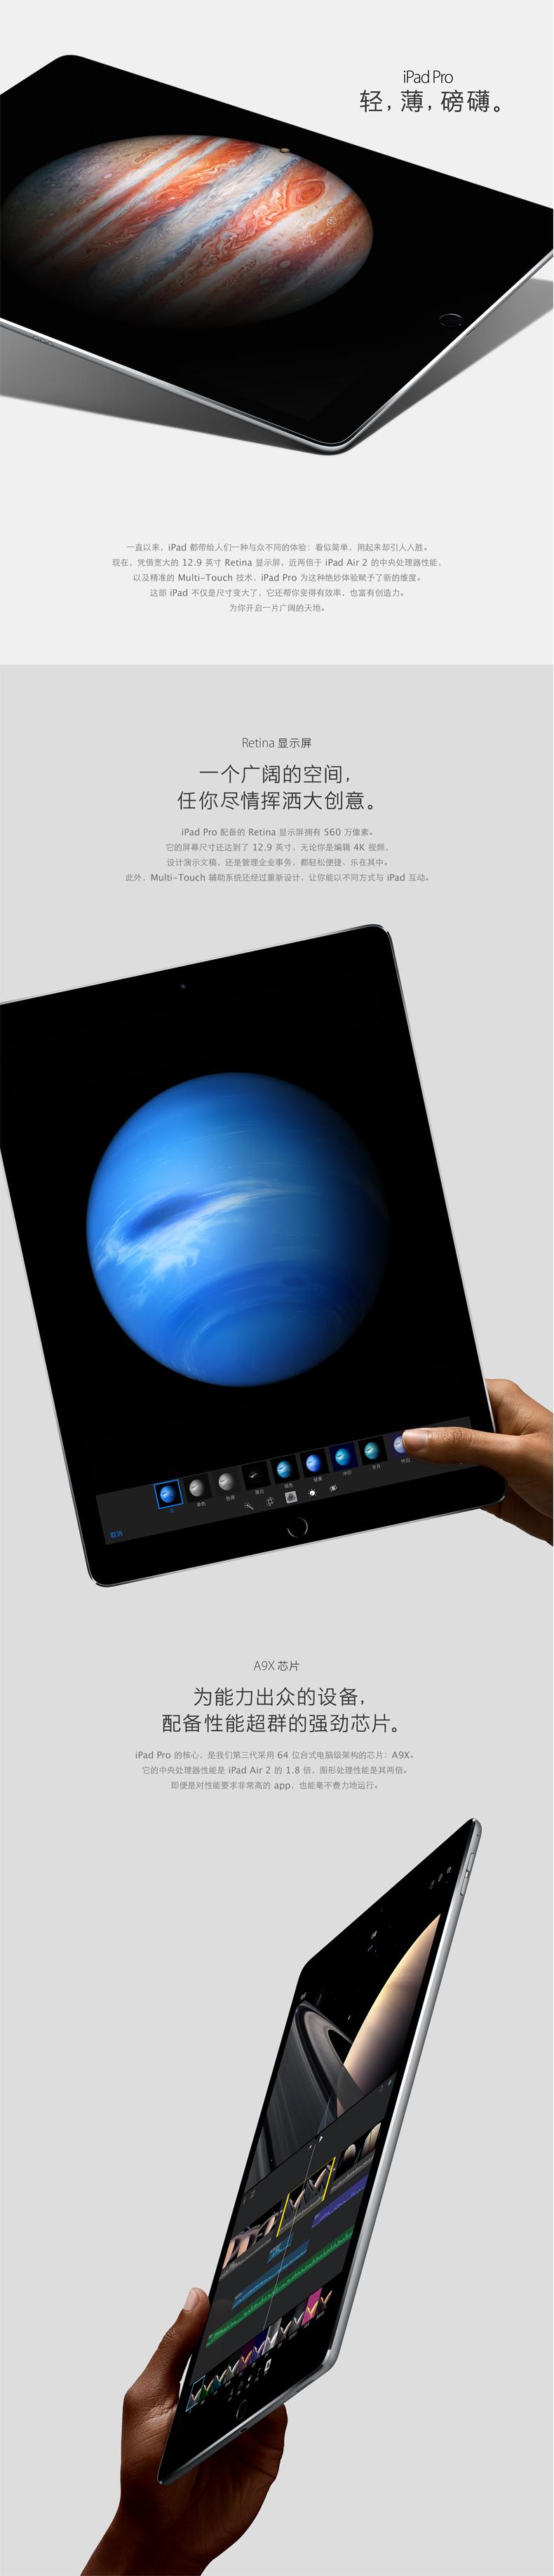 iPad-Pro_PC端详情页1.jpg